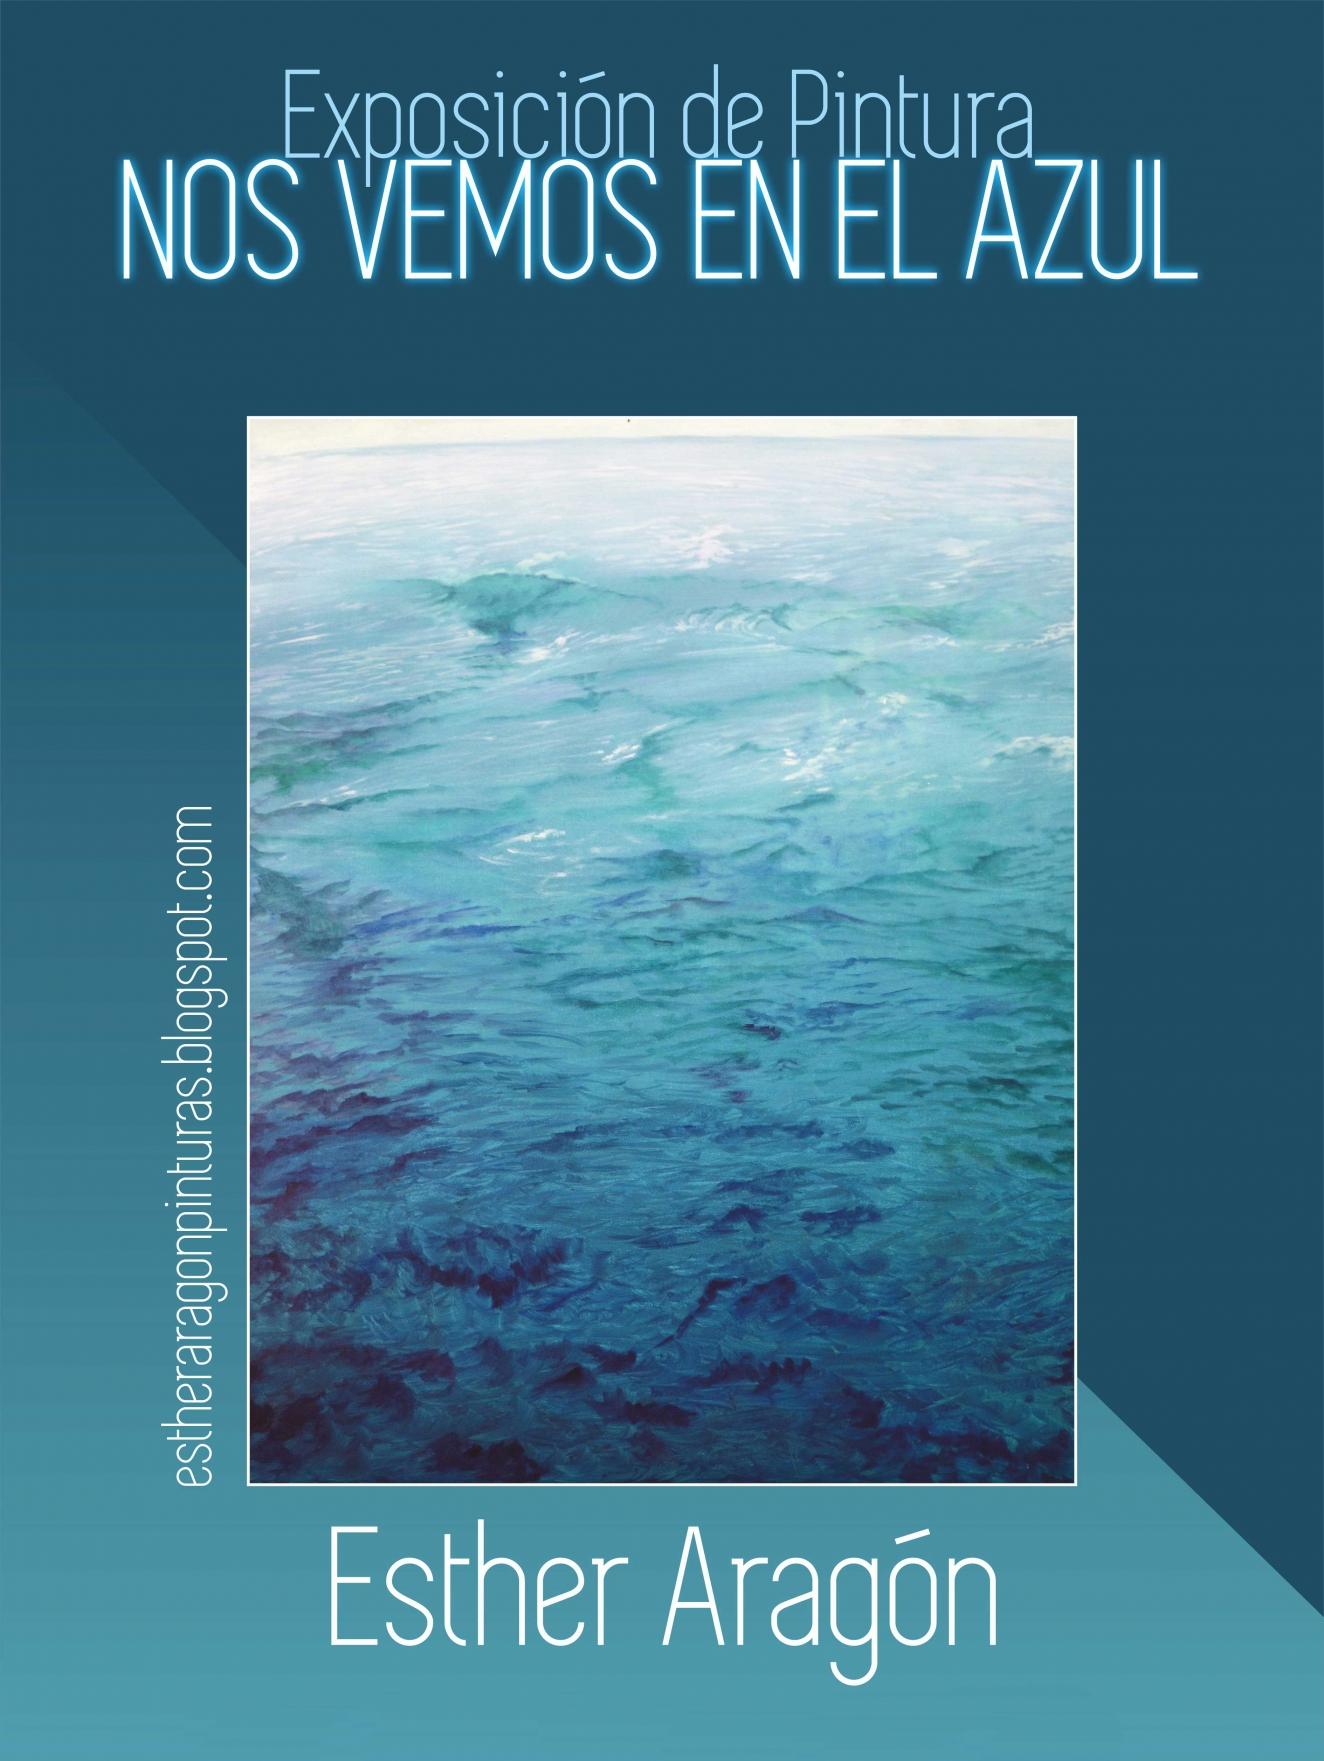 NOS VEMOS EN EL AZUL // Exposición